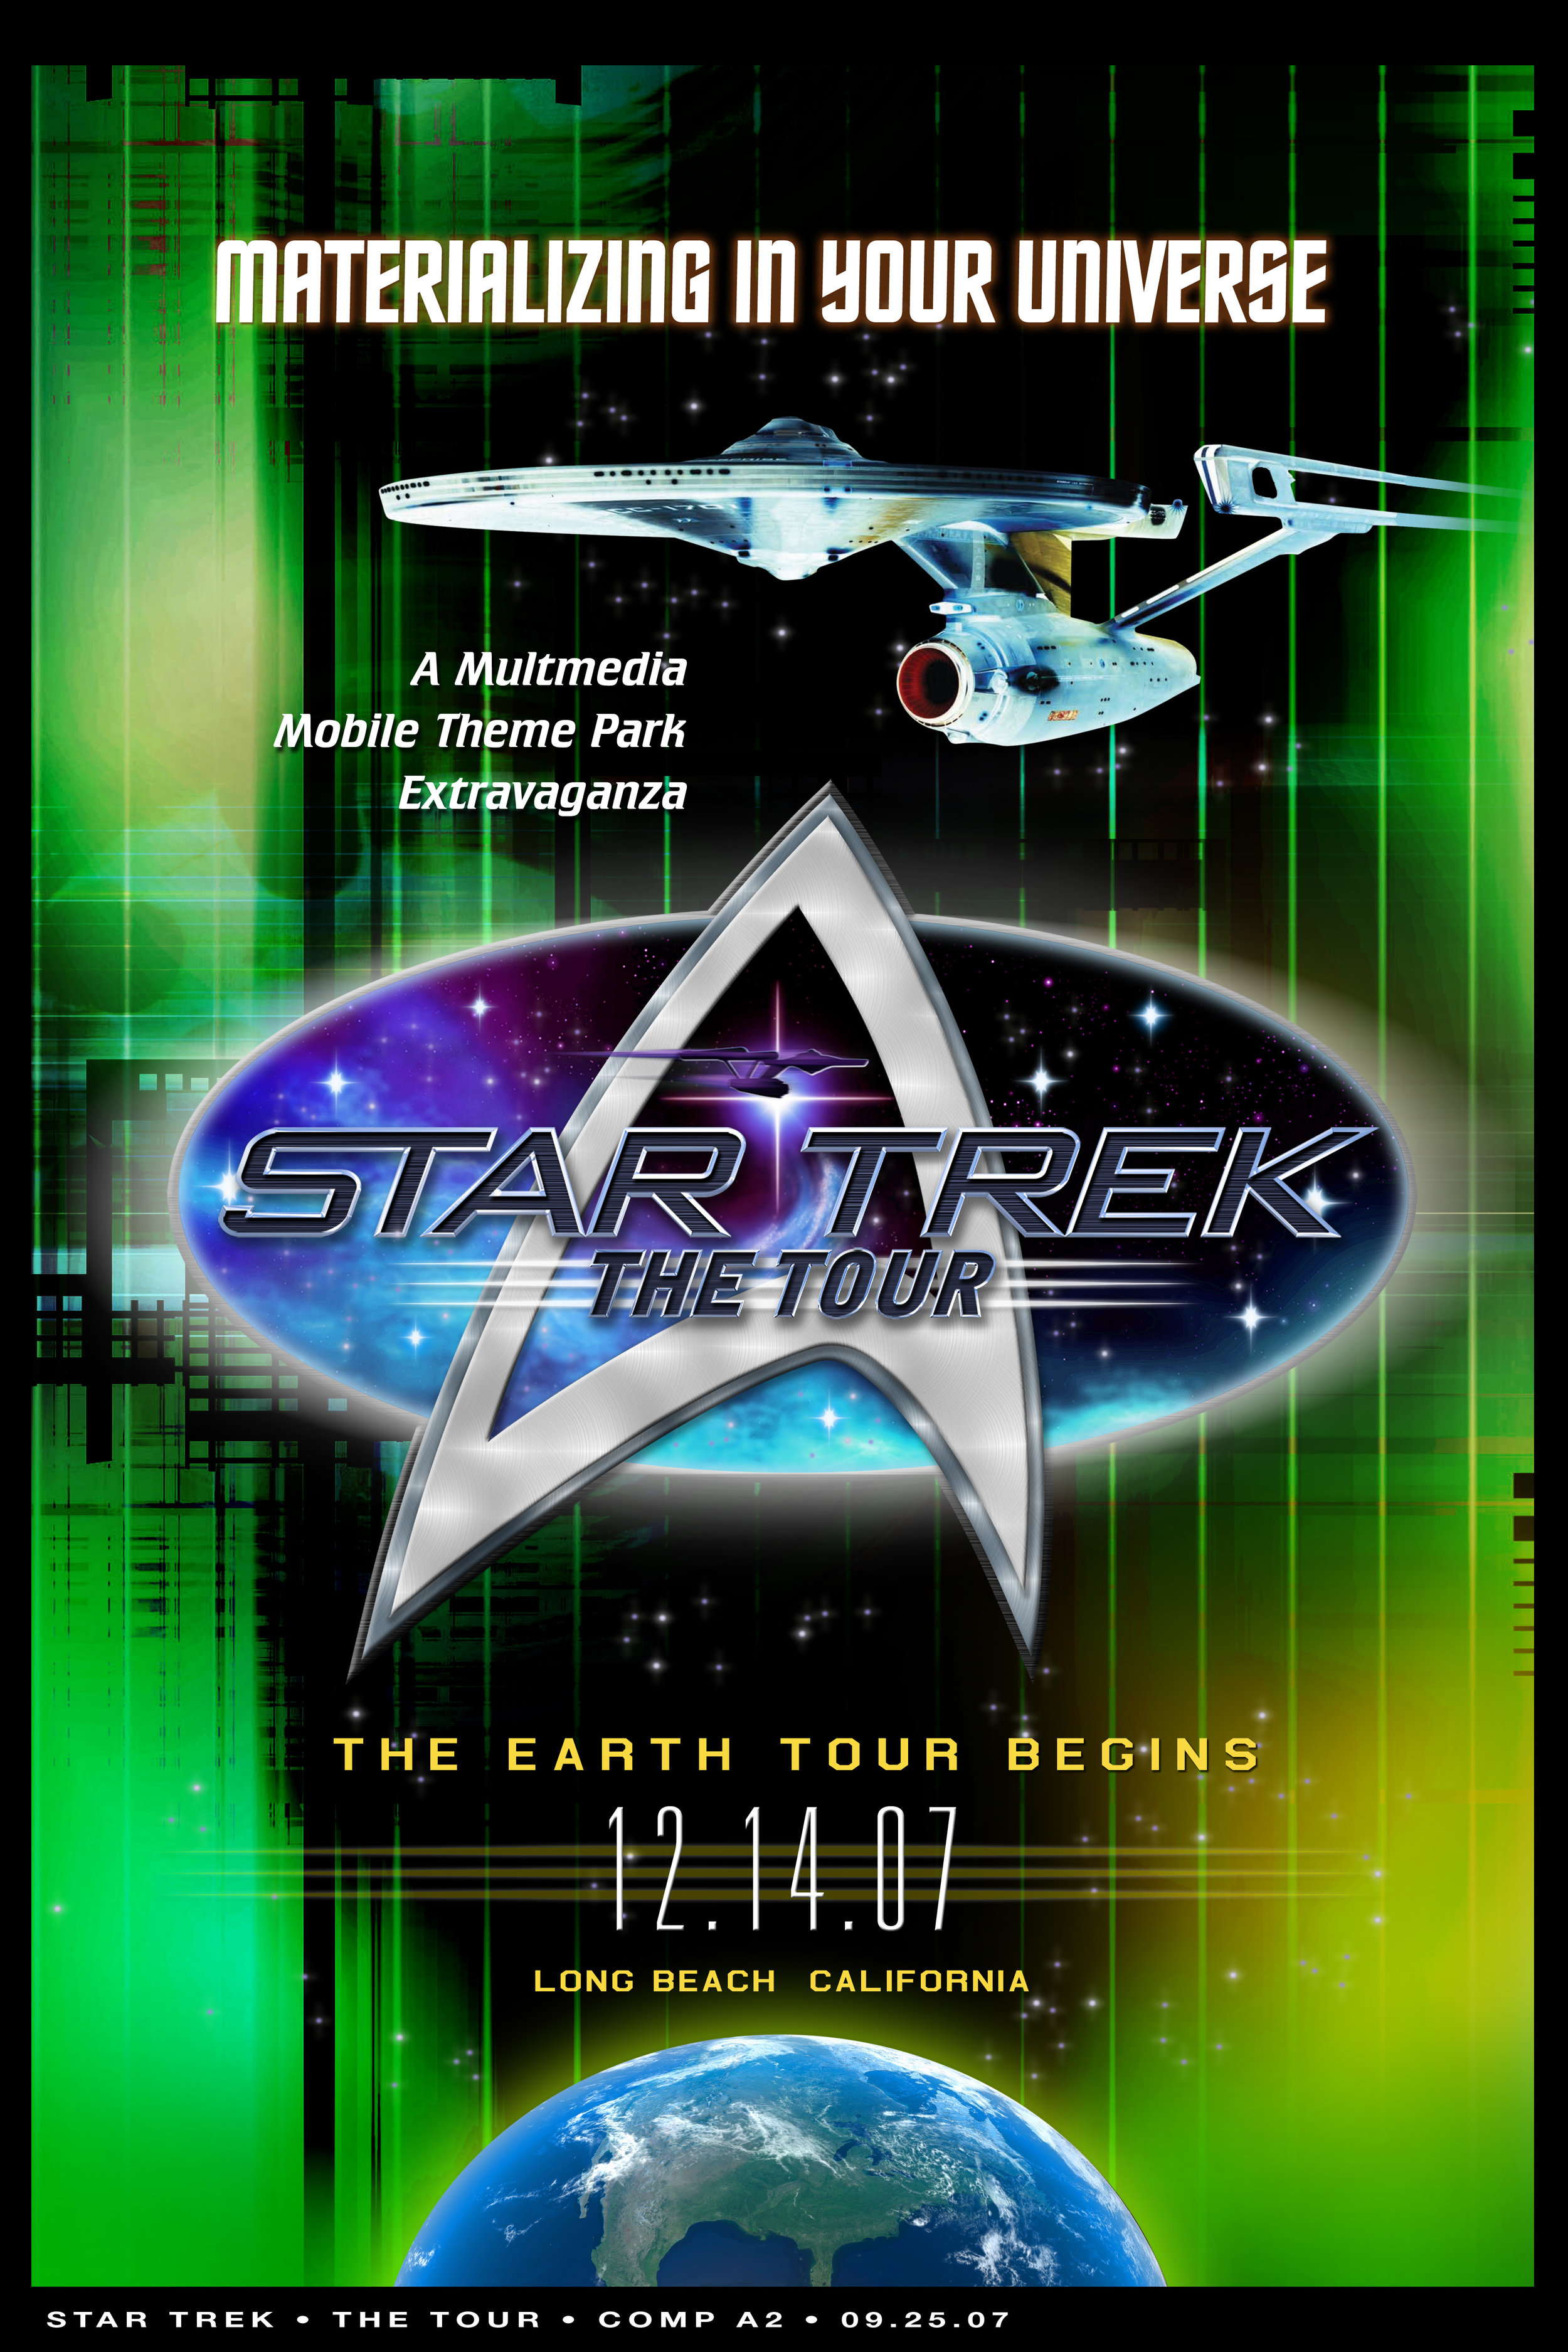 Arism_Star Trek Tour Poster A.jpg